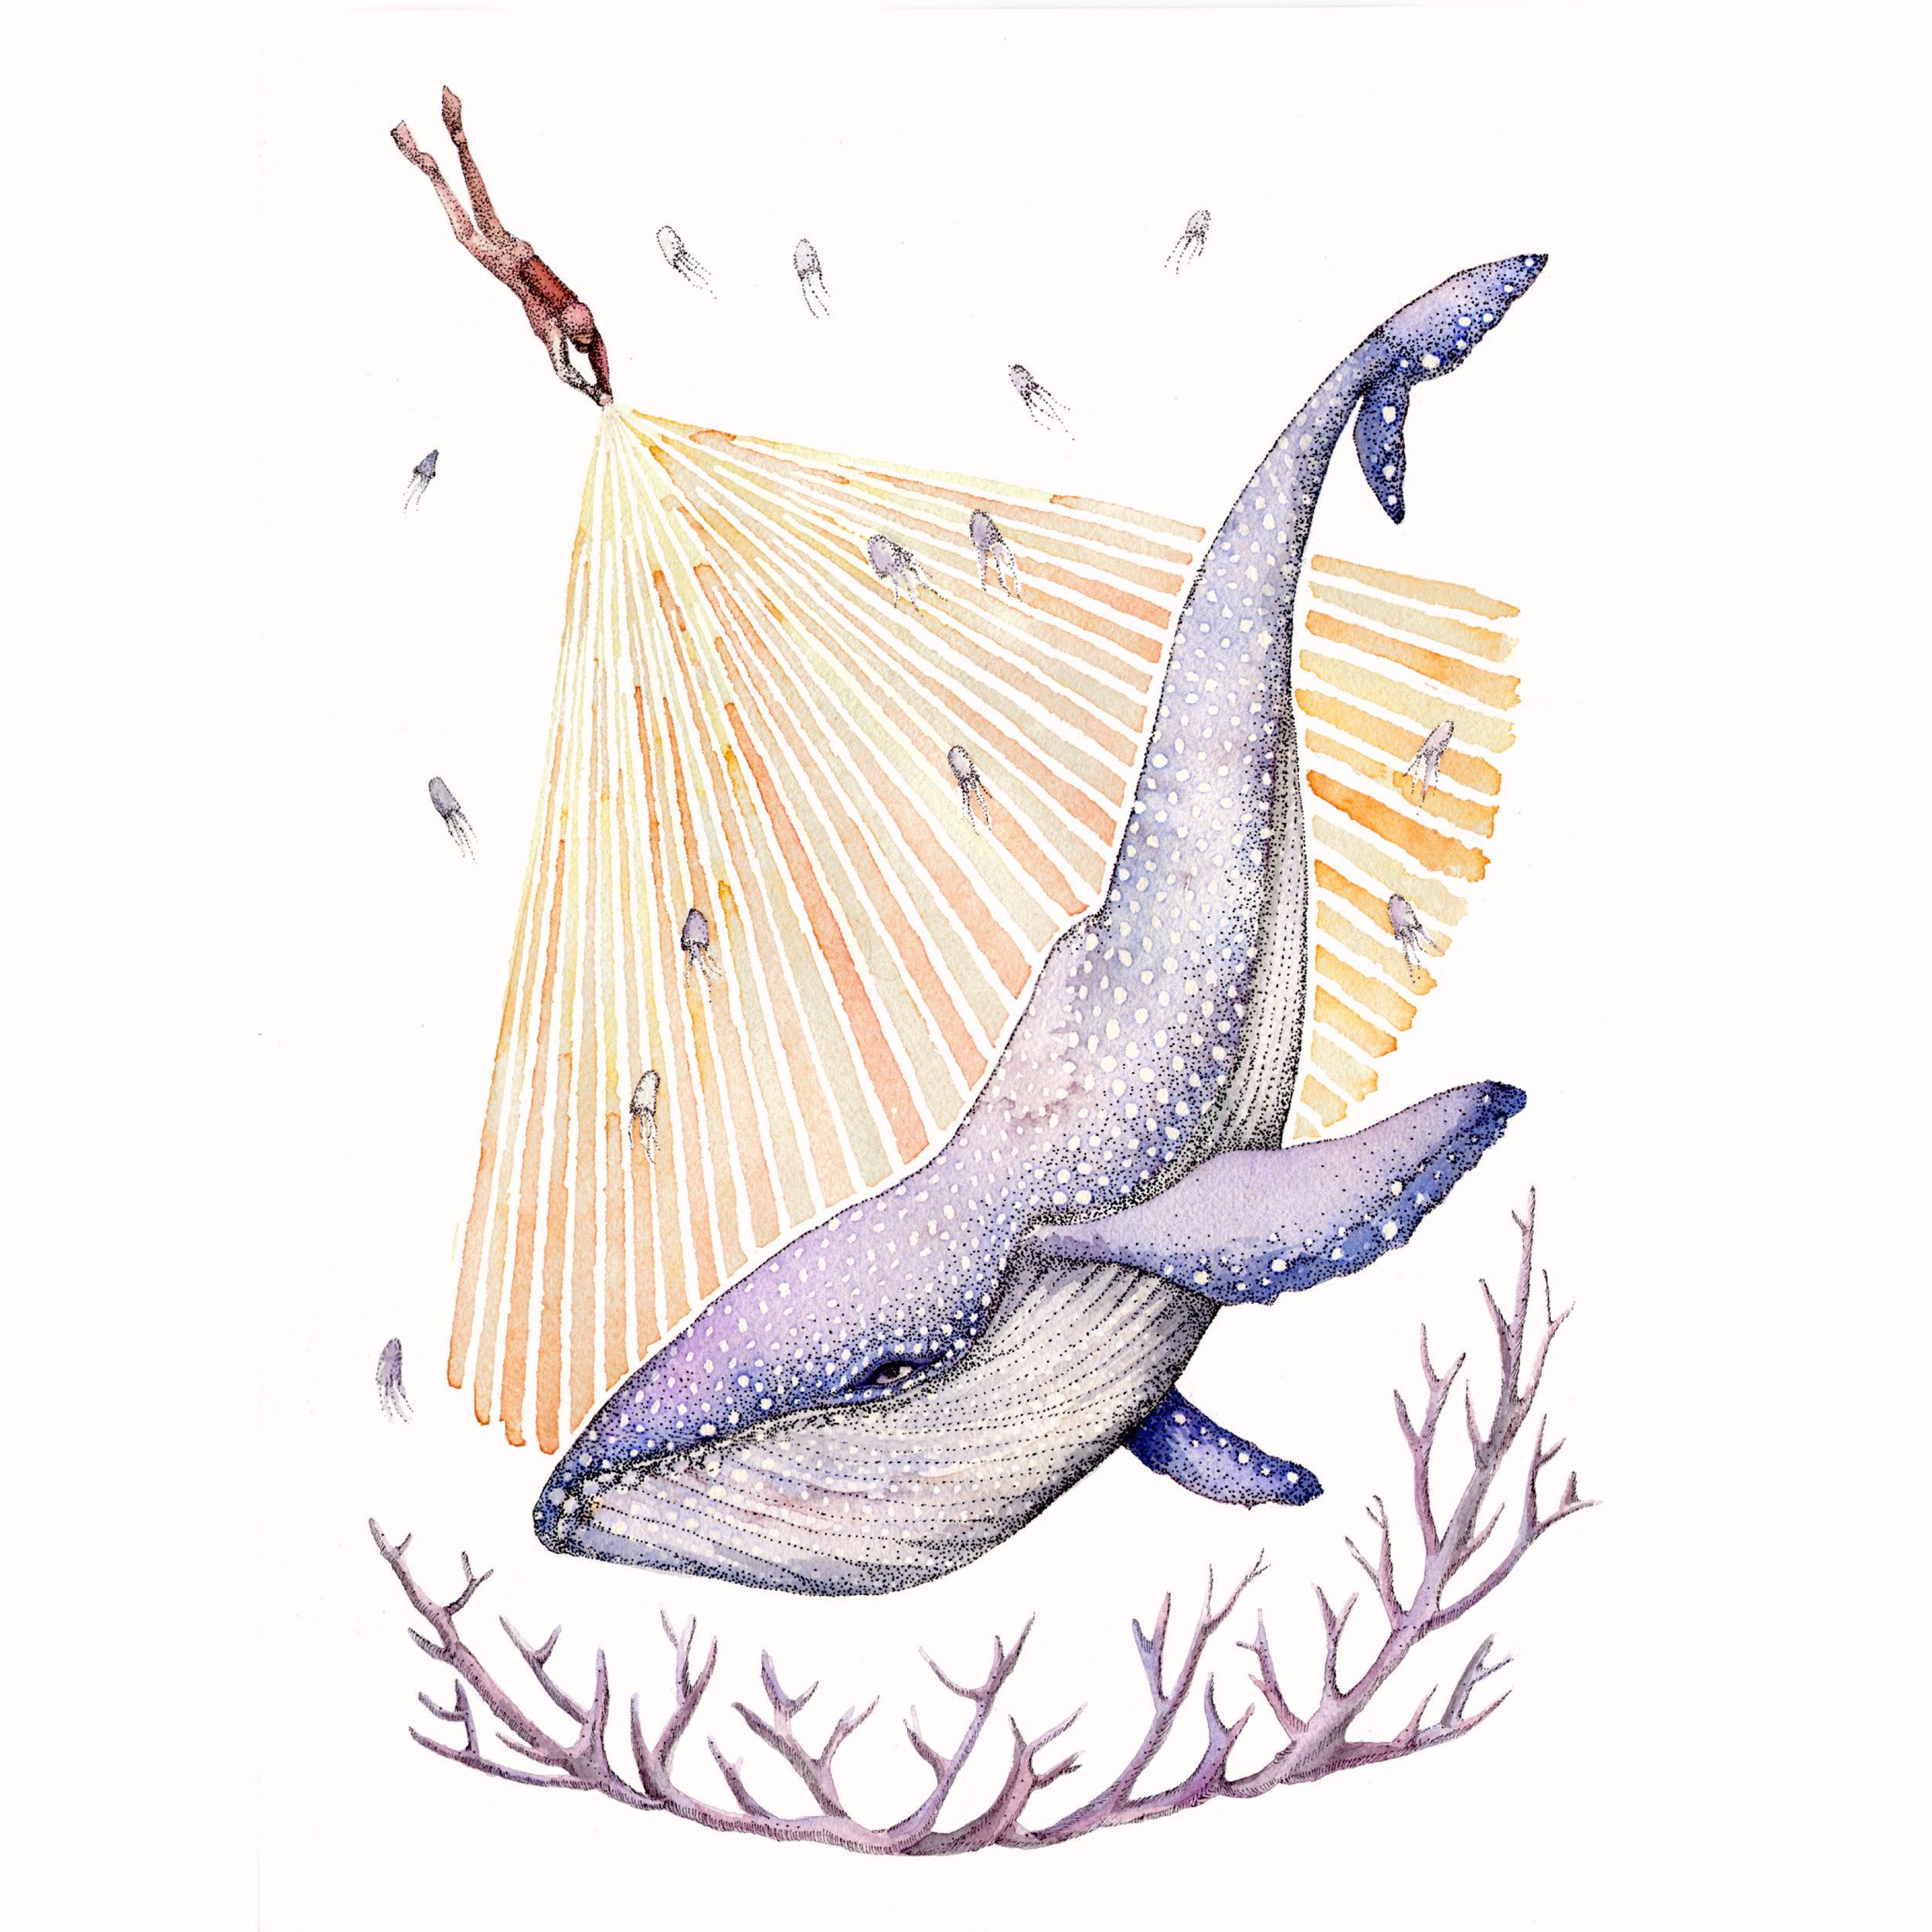 FS-Thumbnail-Whale.jpg